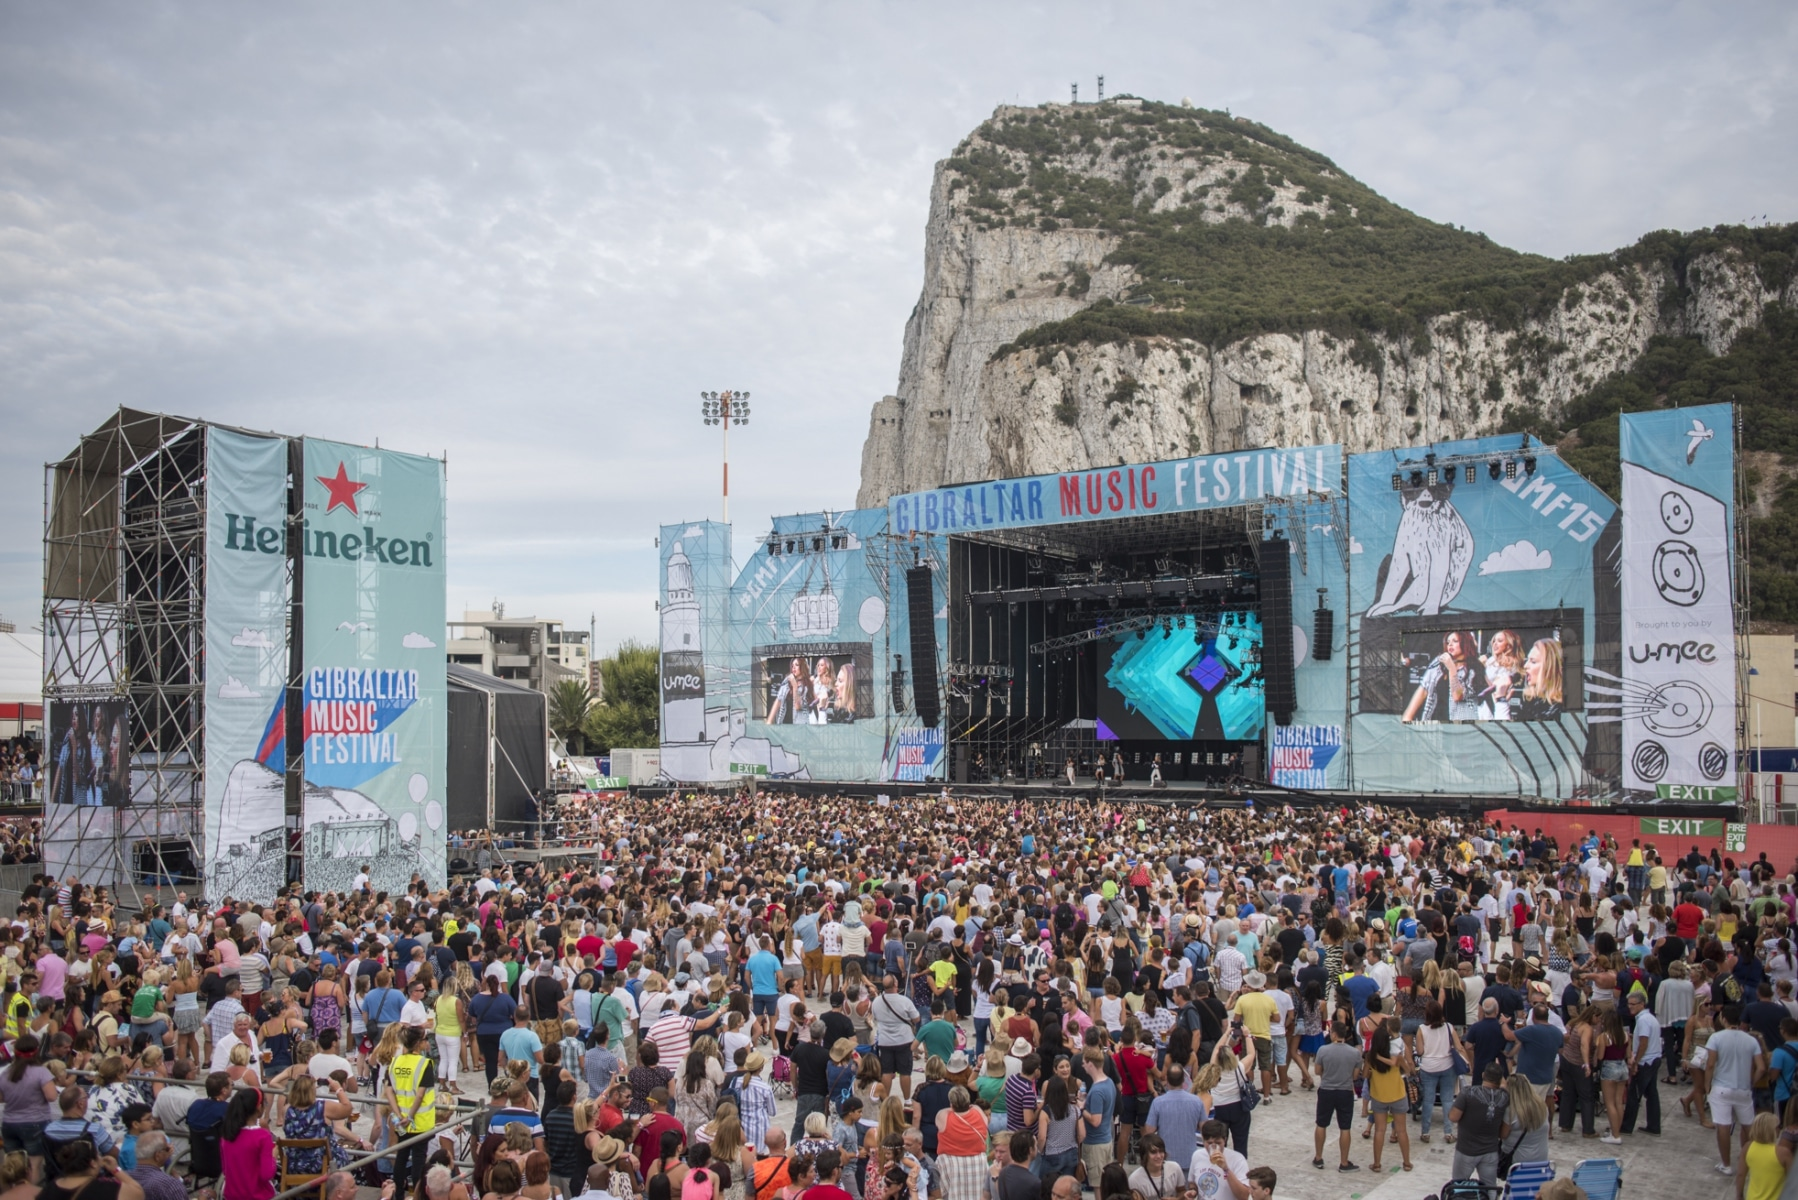 5-septiembre-2015-gibraltar-music-festival-2015-84_21177028552_o